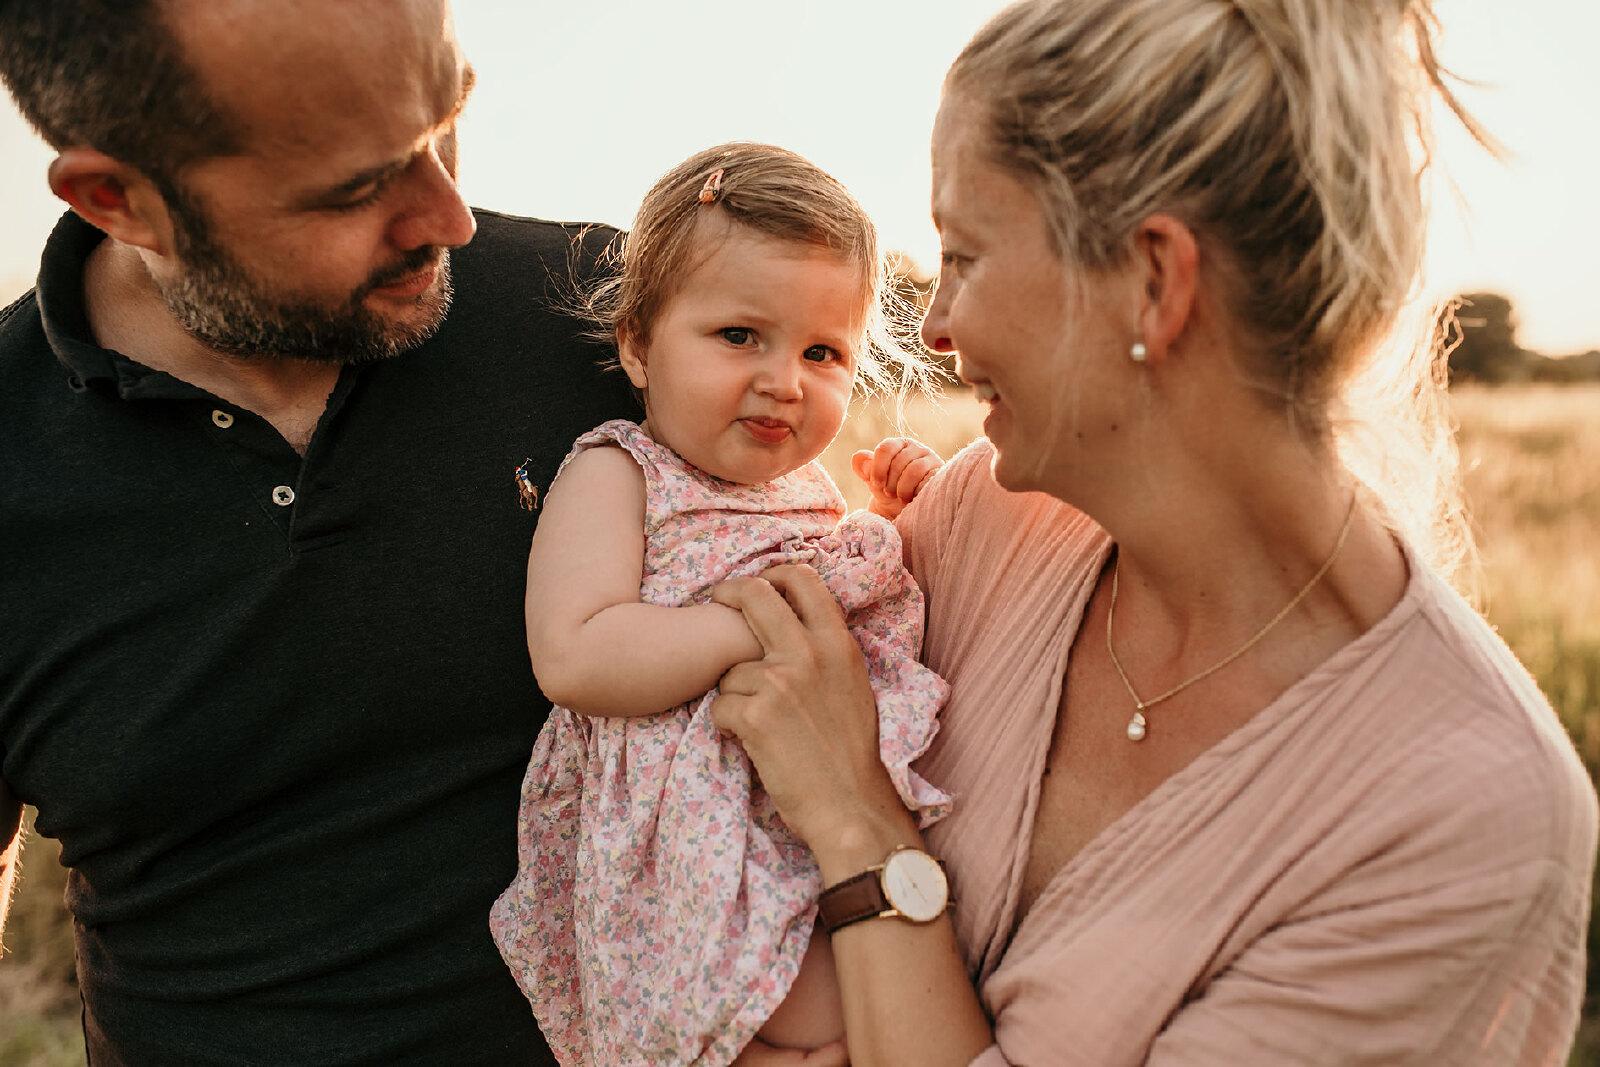 blije baby gezicht fotoshooting met ouders buiten in Haaksbergen